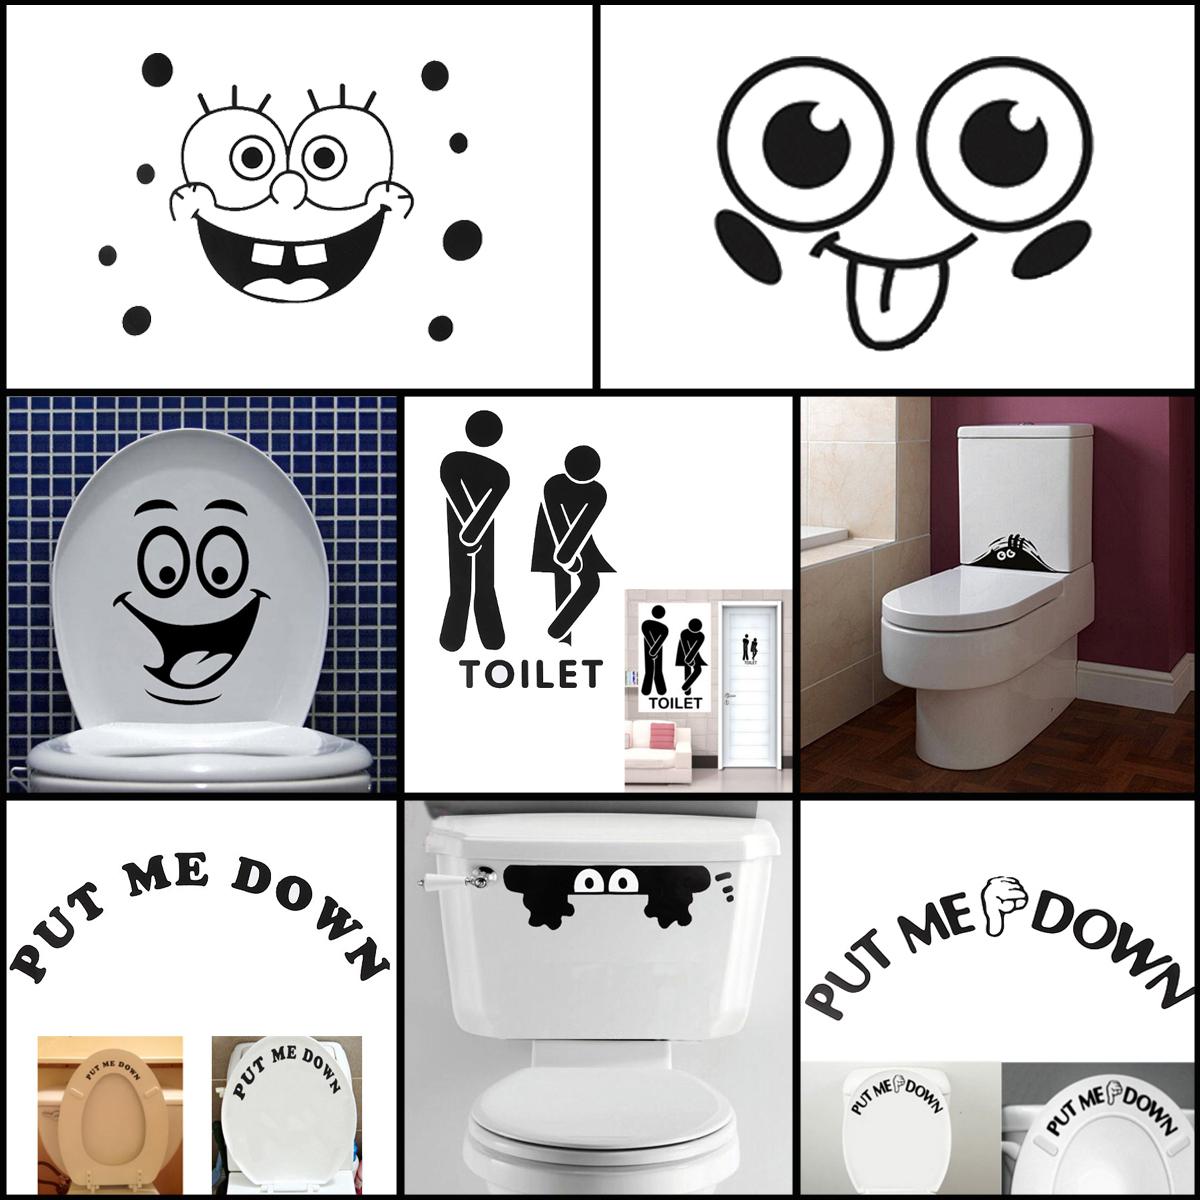 Sticker sutocollant sbattant mural d cor adh sif pr toilette wc cafe h tel bars - Object deco wc ...